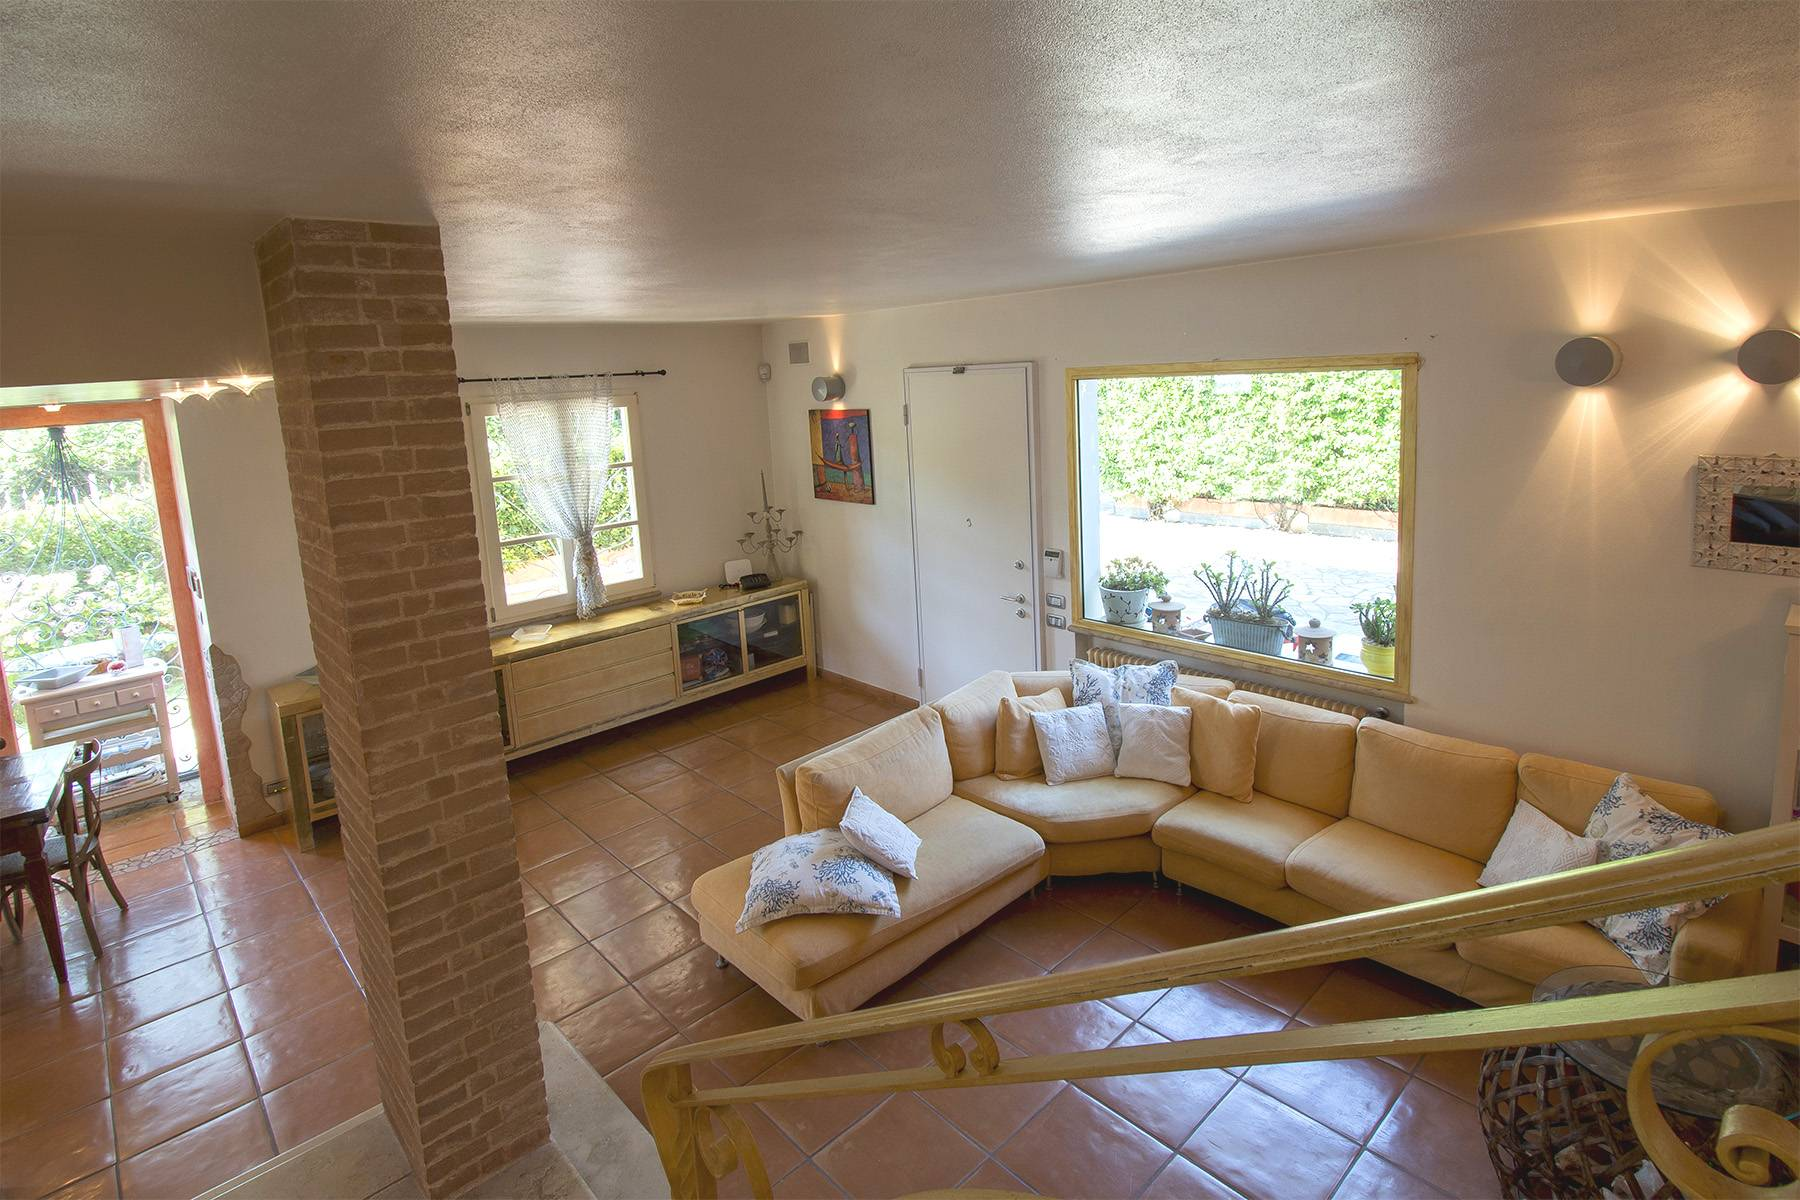 Casa indipendente in Vendita a Pietrasanta: 5 locali, 180 mq - Foto 27